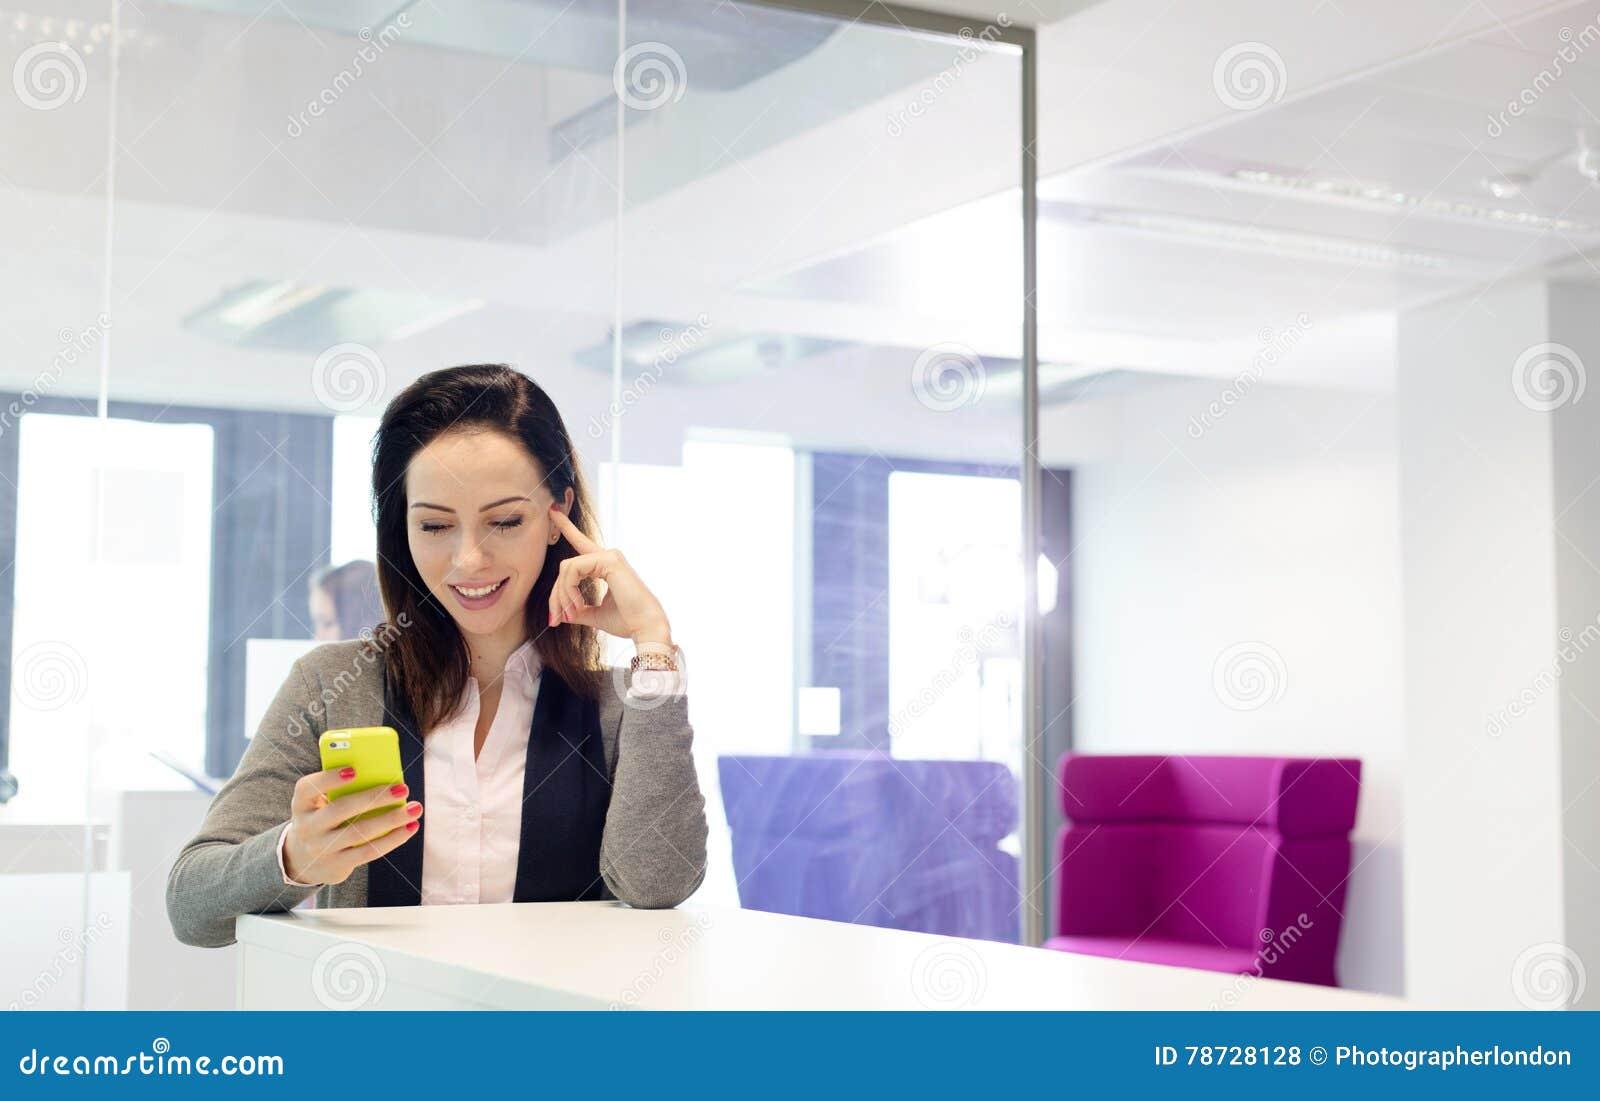 Härlig ung affärskvinna som i regeringsställning använder mobiltelefonen